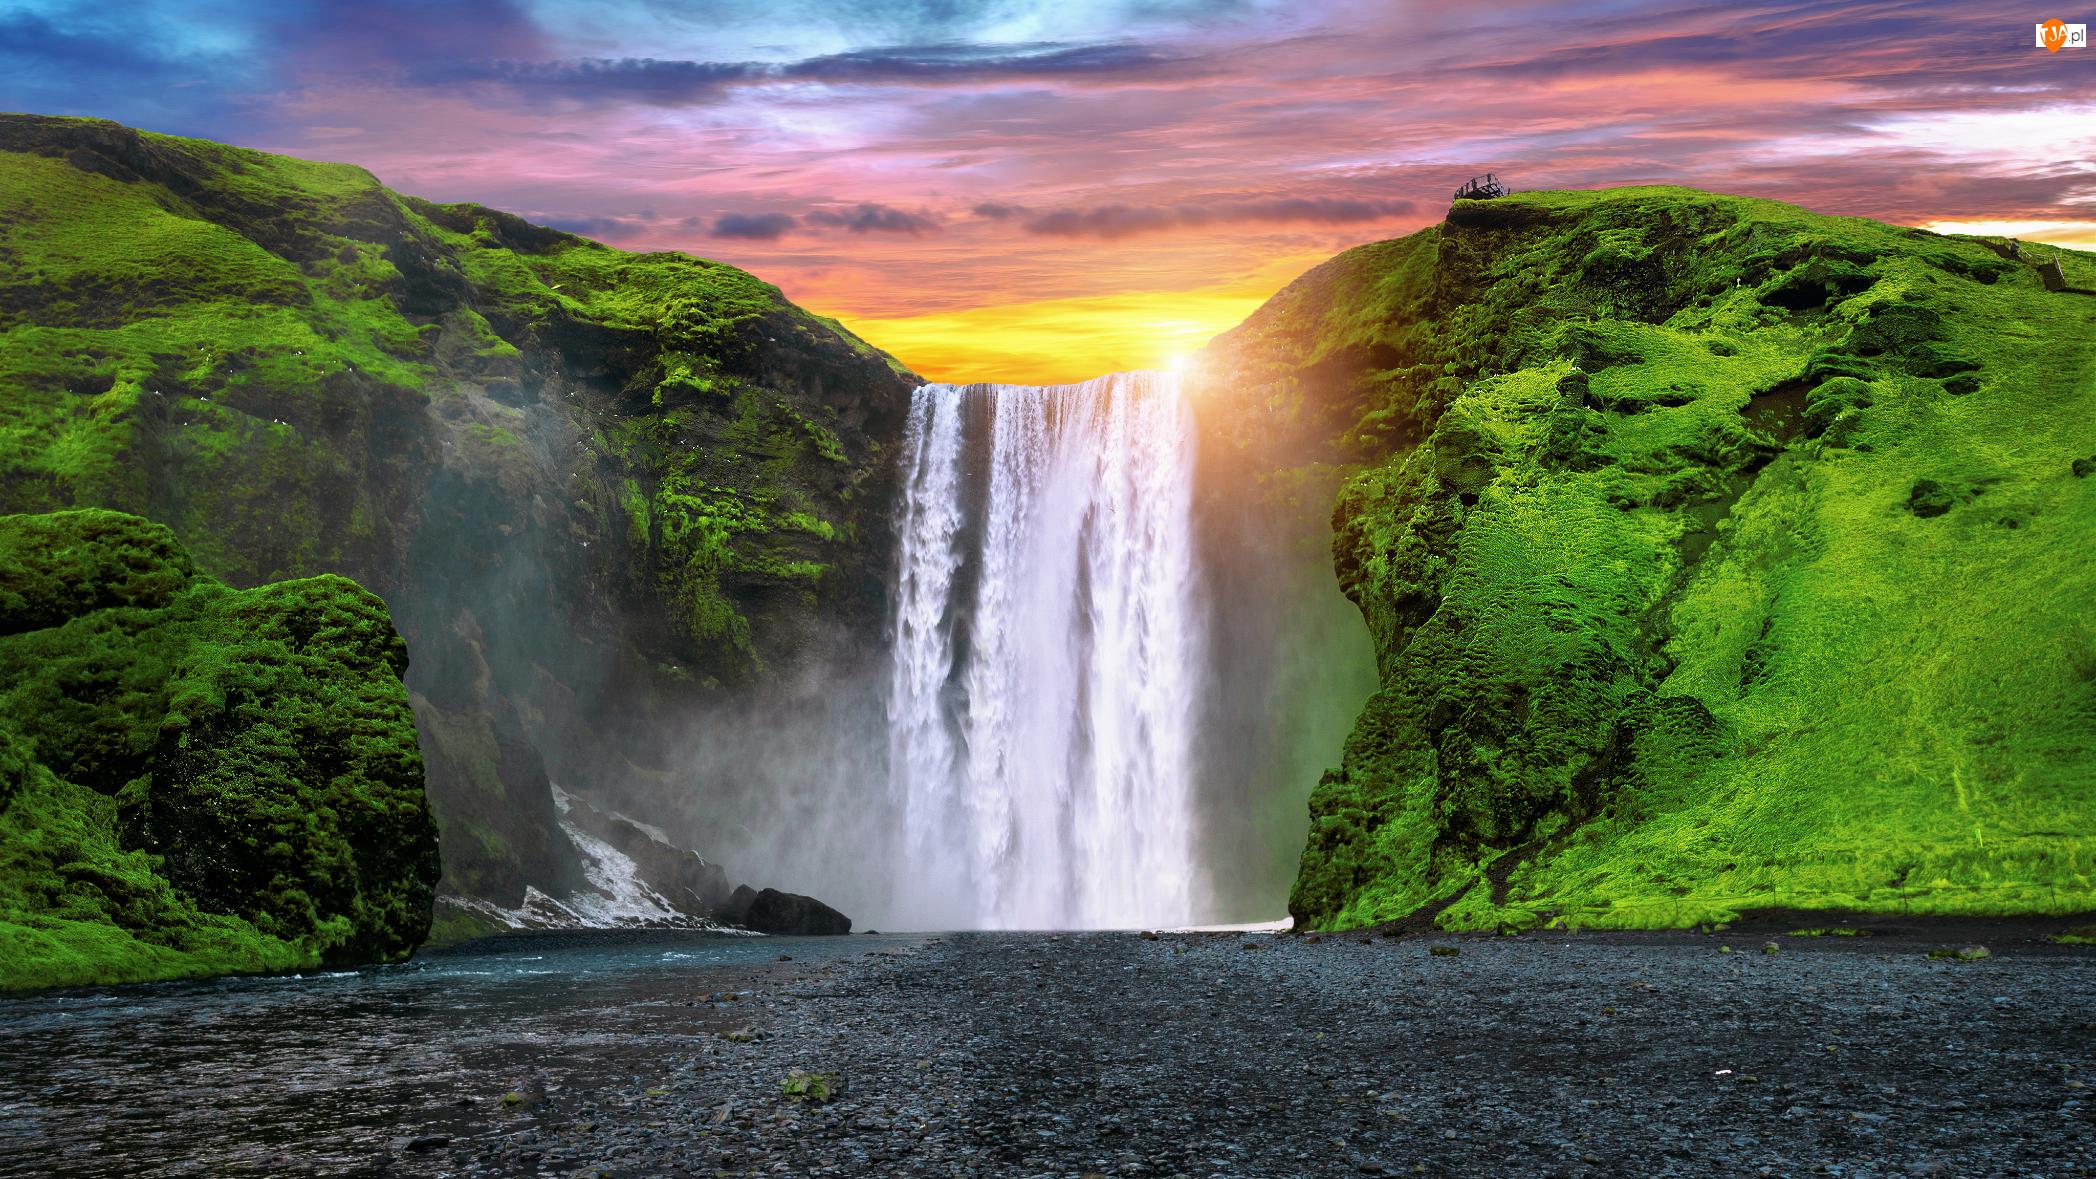 Rzeka Skoga, Islandia, Skogafoss, Wodospad, Roślinność